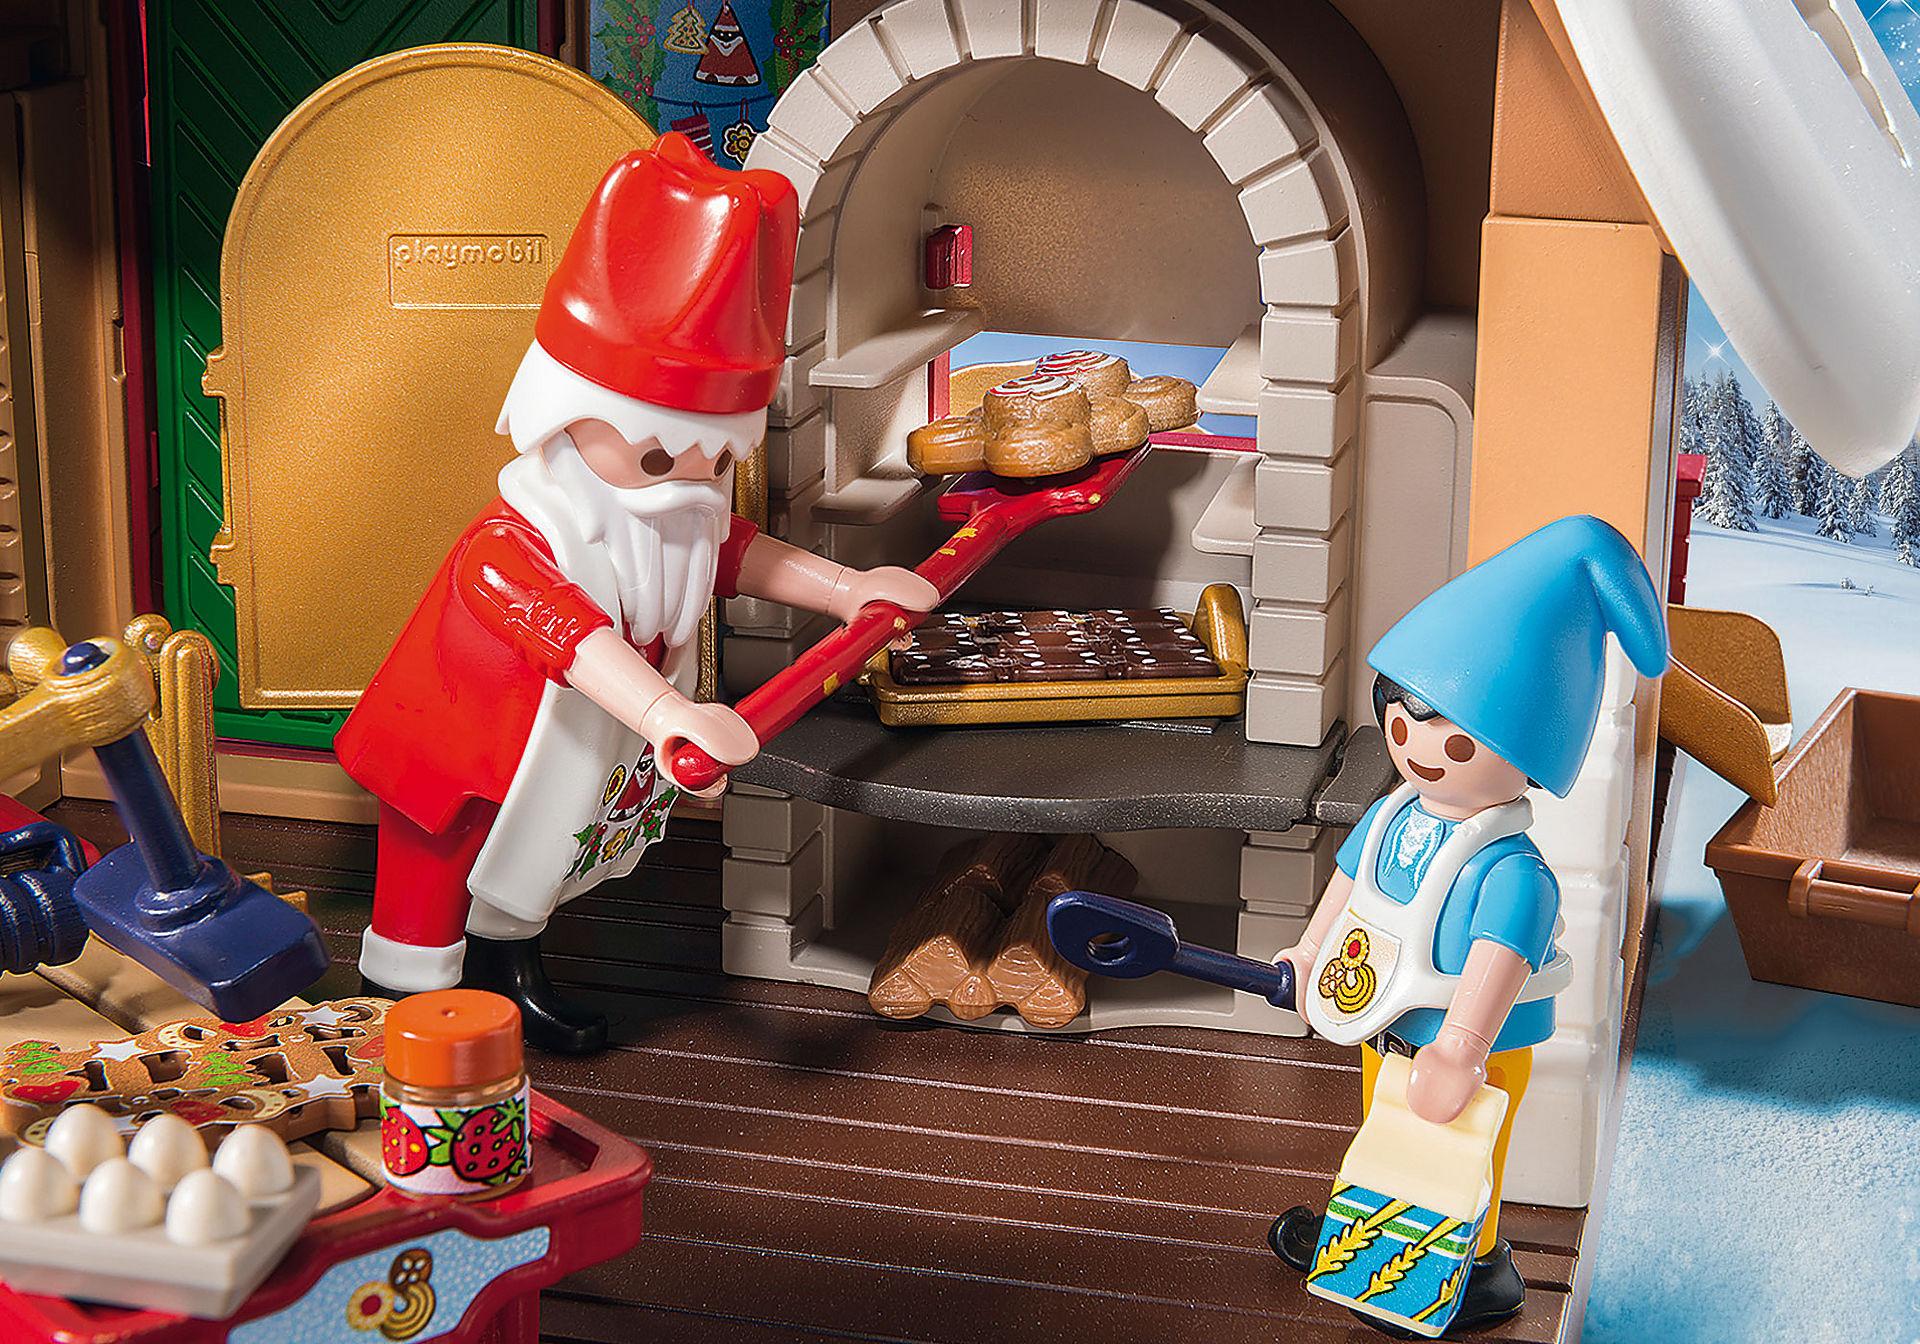 9493 Julebageri med småkageskærere zoom image5